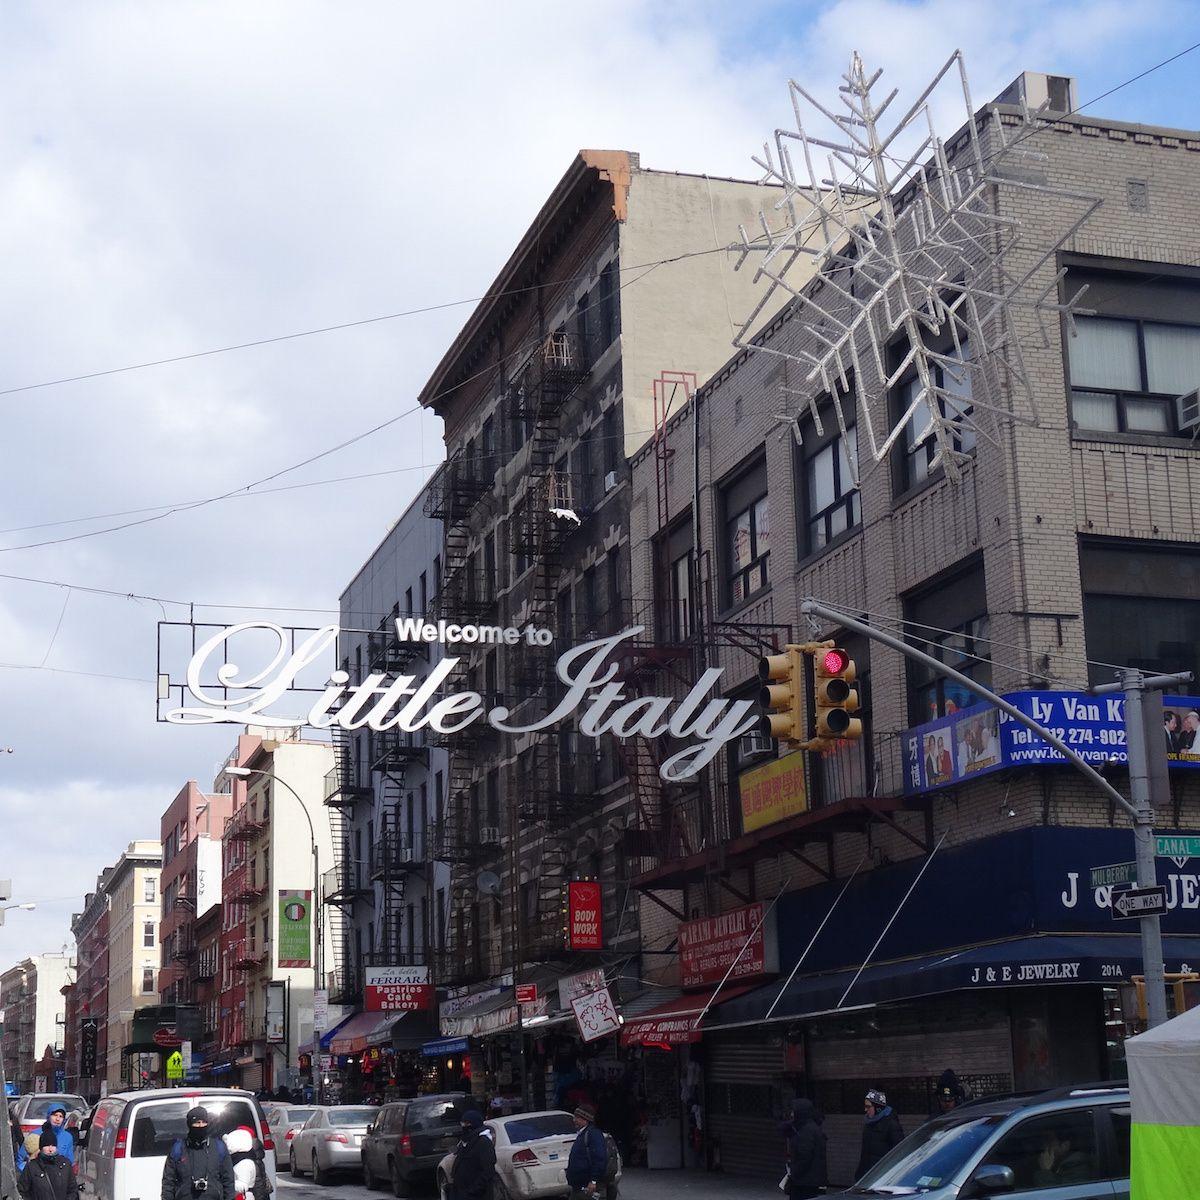 Mullberry street, à la frontière entre Chinatown et Little Italy